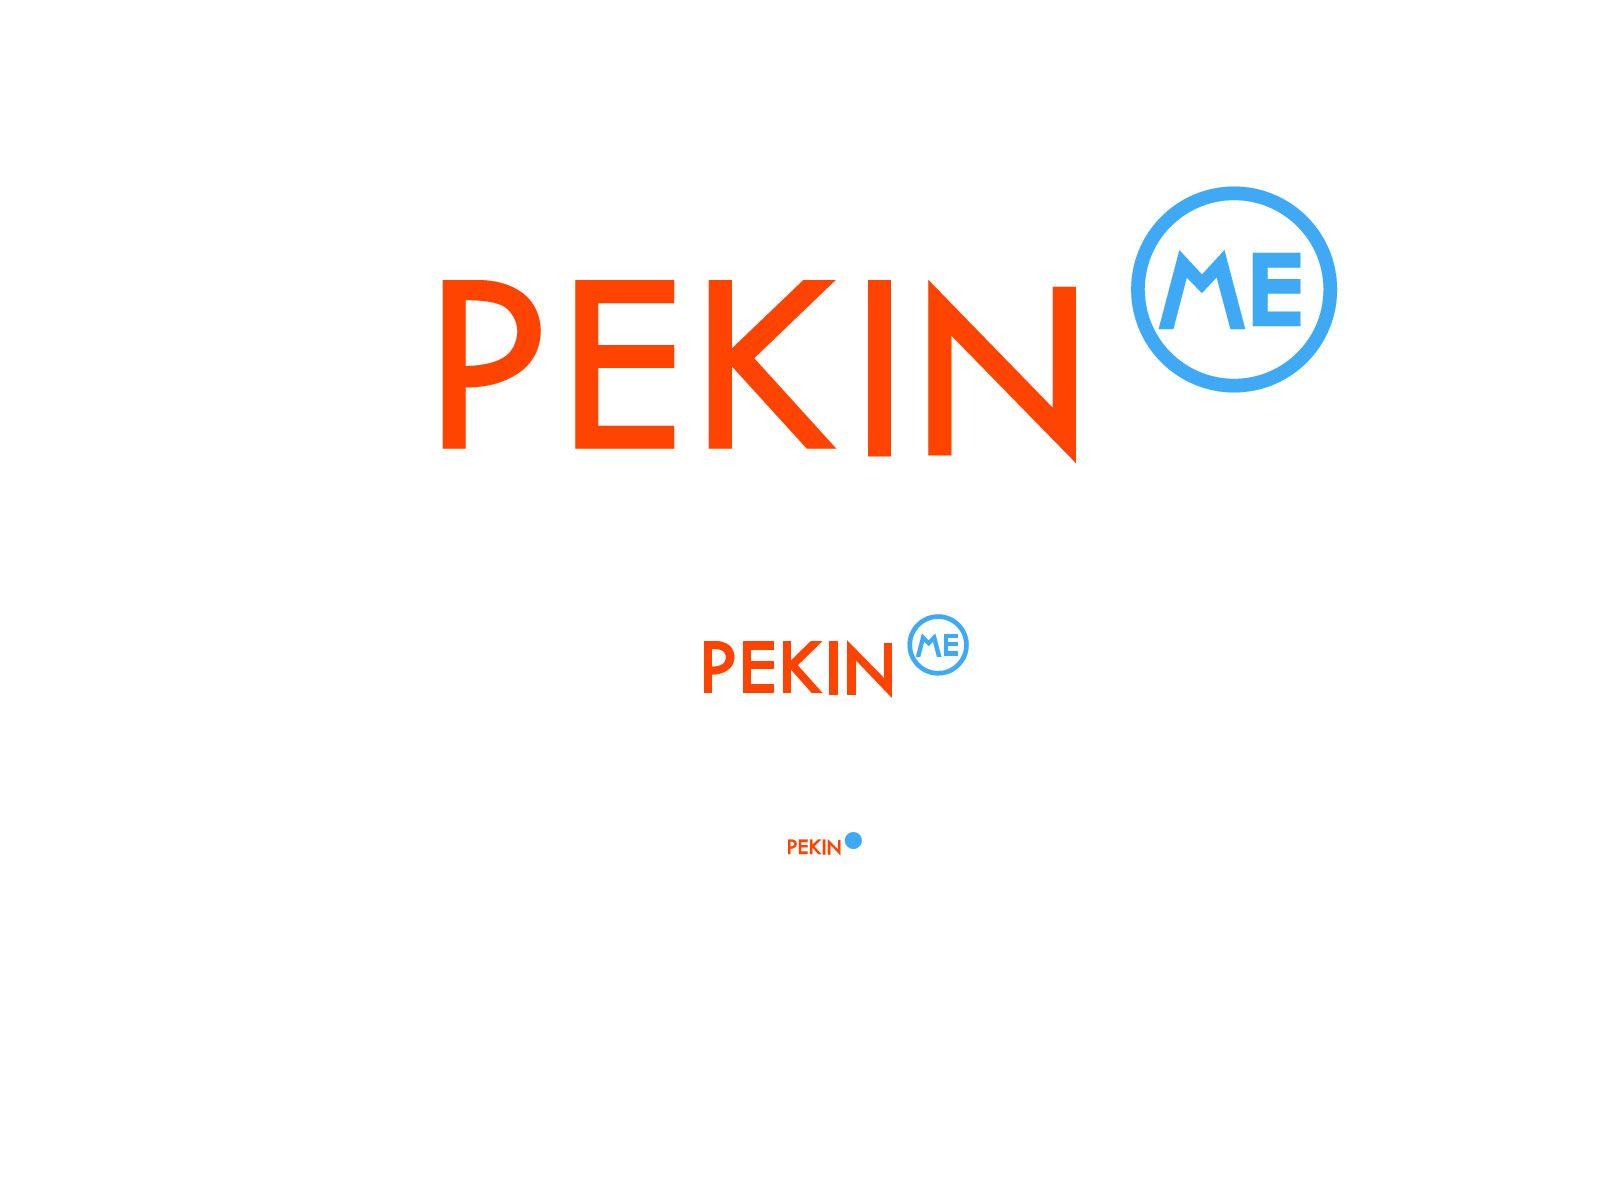 Логотип для компании pekin.me - дизайнер podluznydm